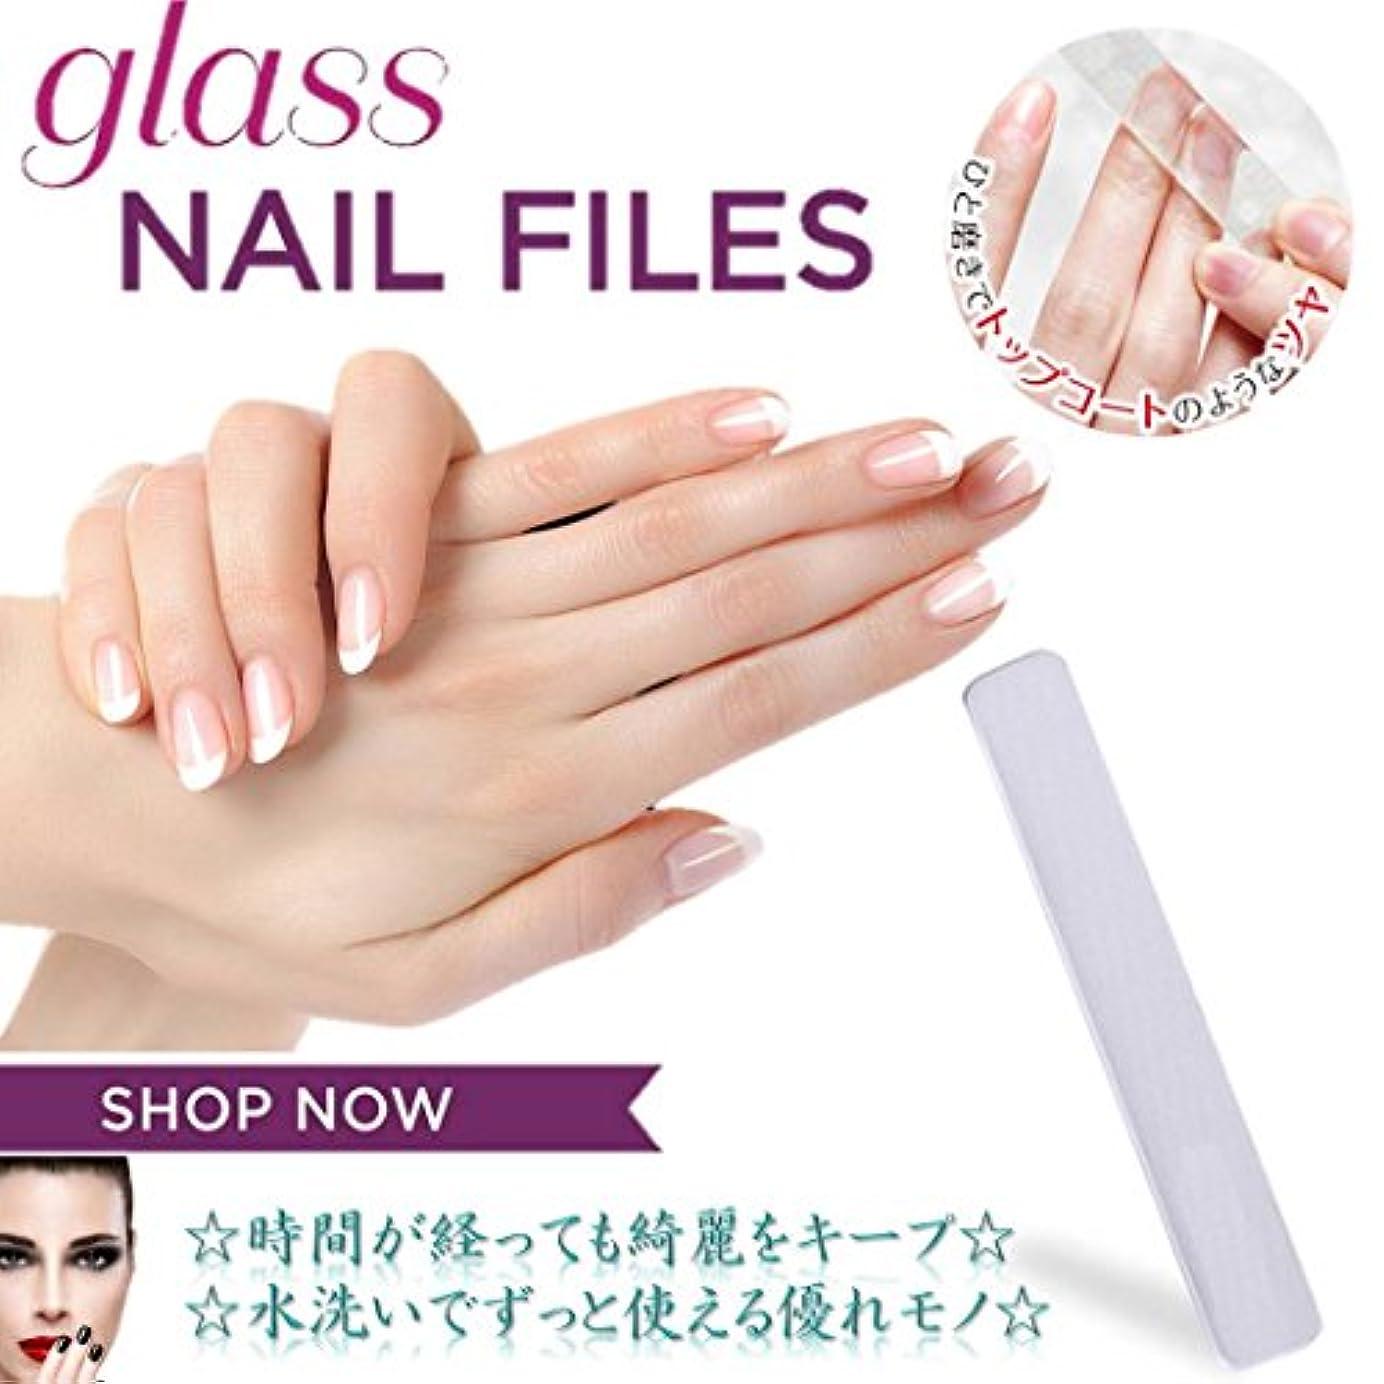 行カナダギャラントリーMNoel ガラス爪磨き 韓国ナノテクノロジー ガラス爪やすり 水洗いで何度も使える ツメミガキ ネイルケア用 爪磨きシート ケース付き 男女兼用